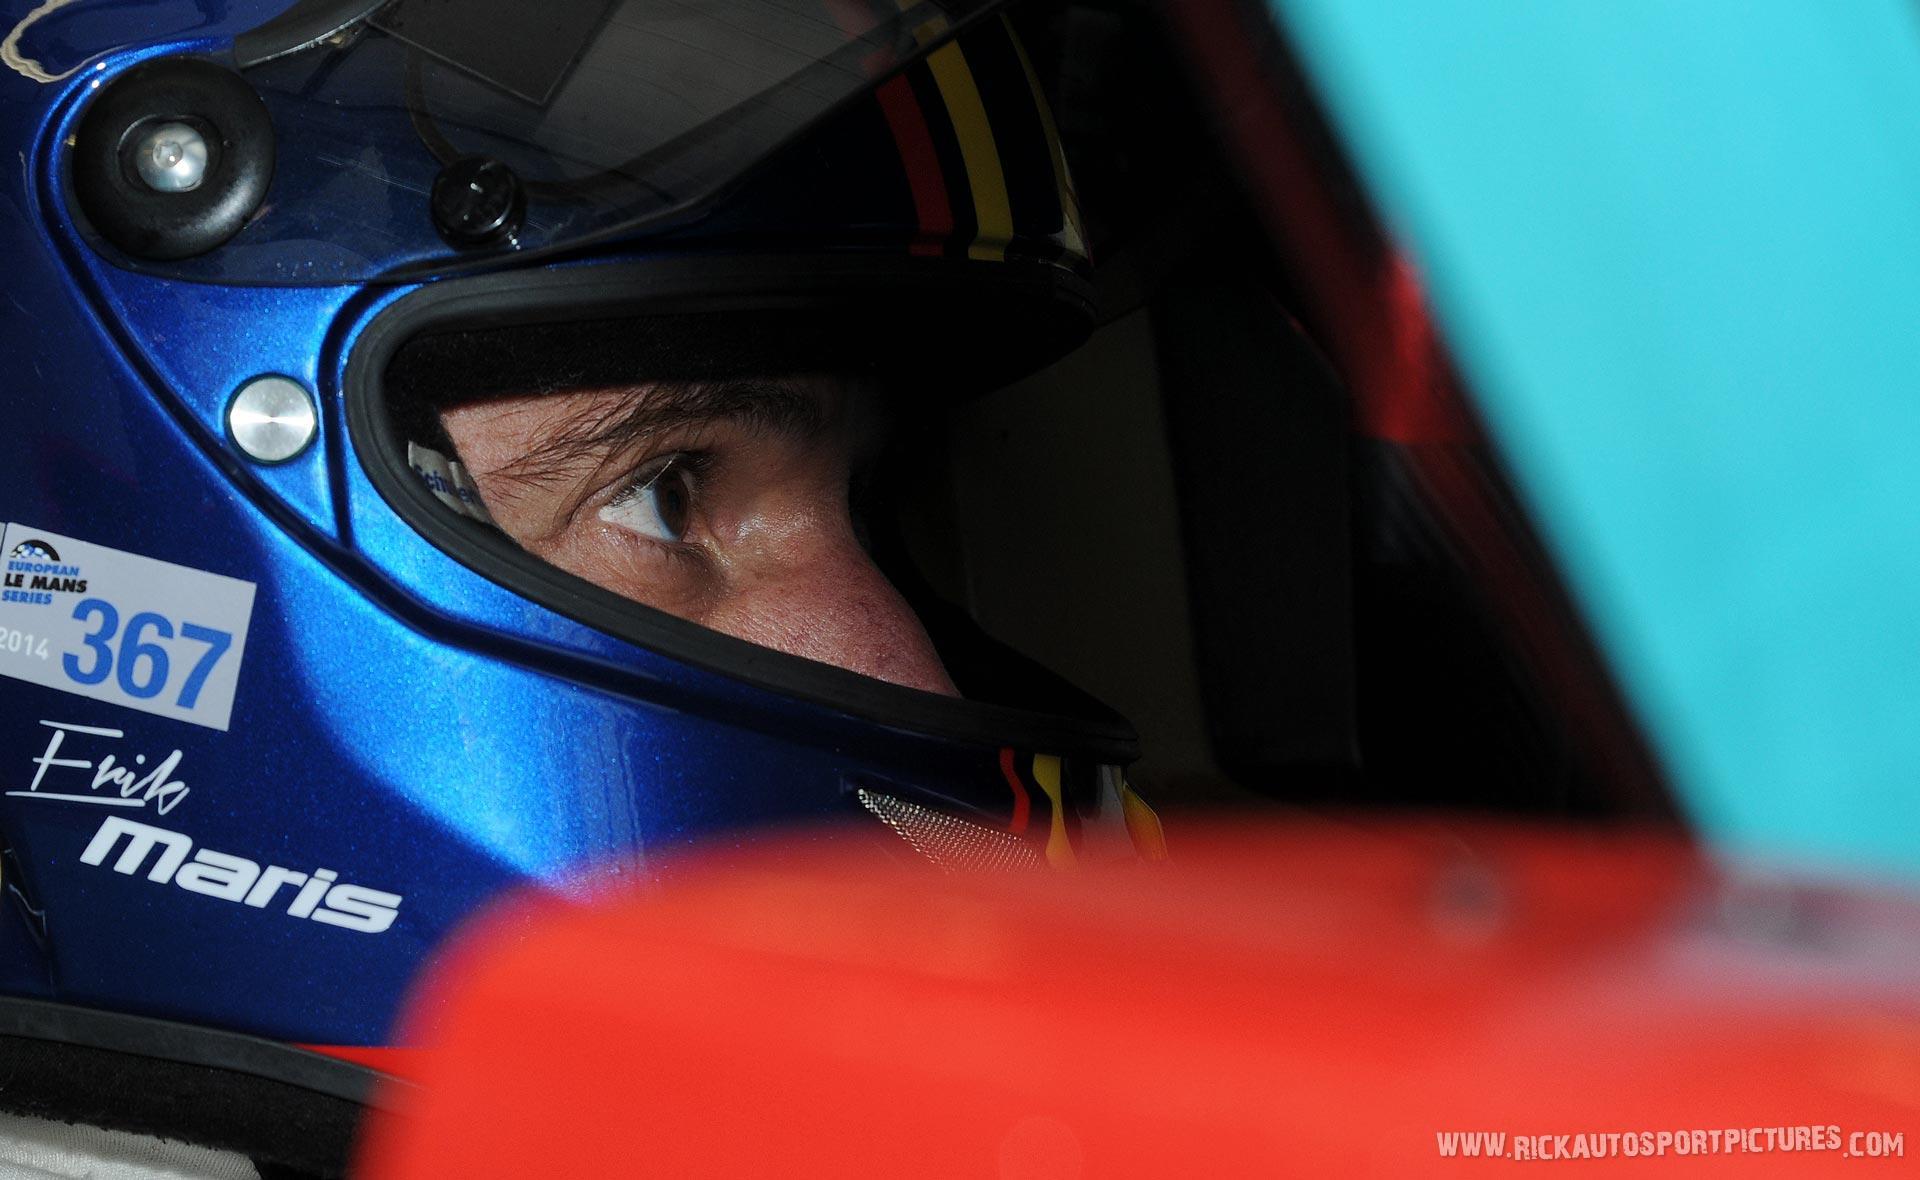 Erik Maris Silverstone 2016